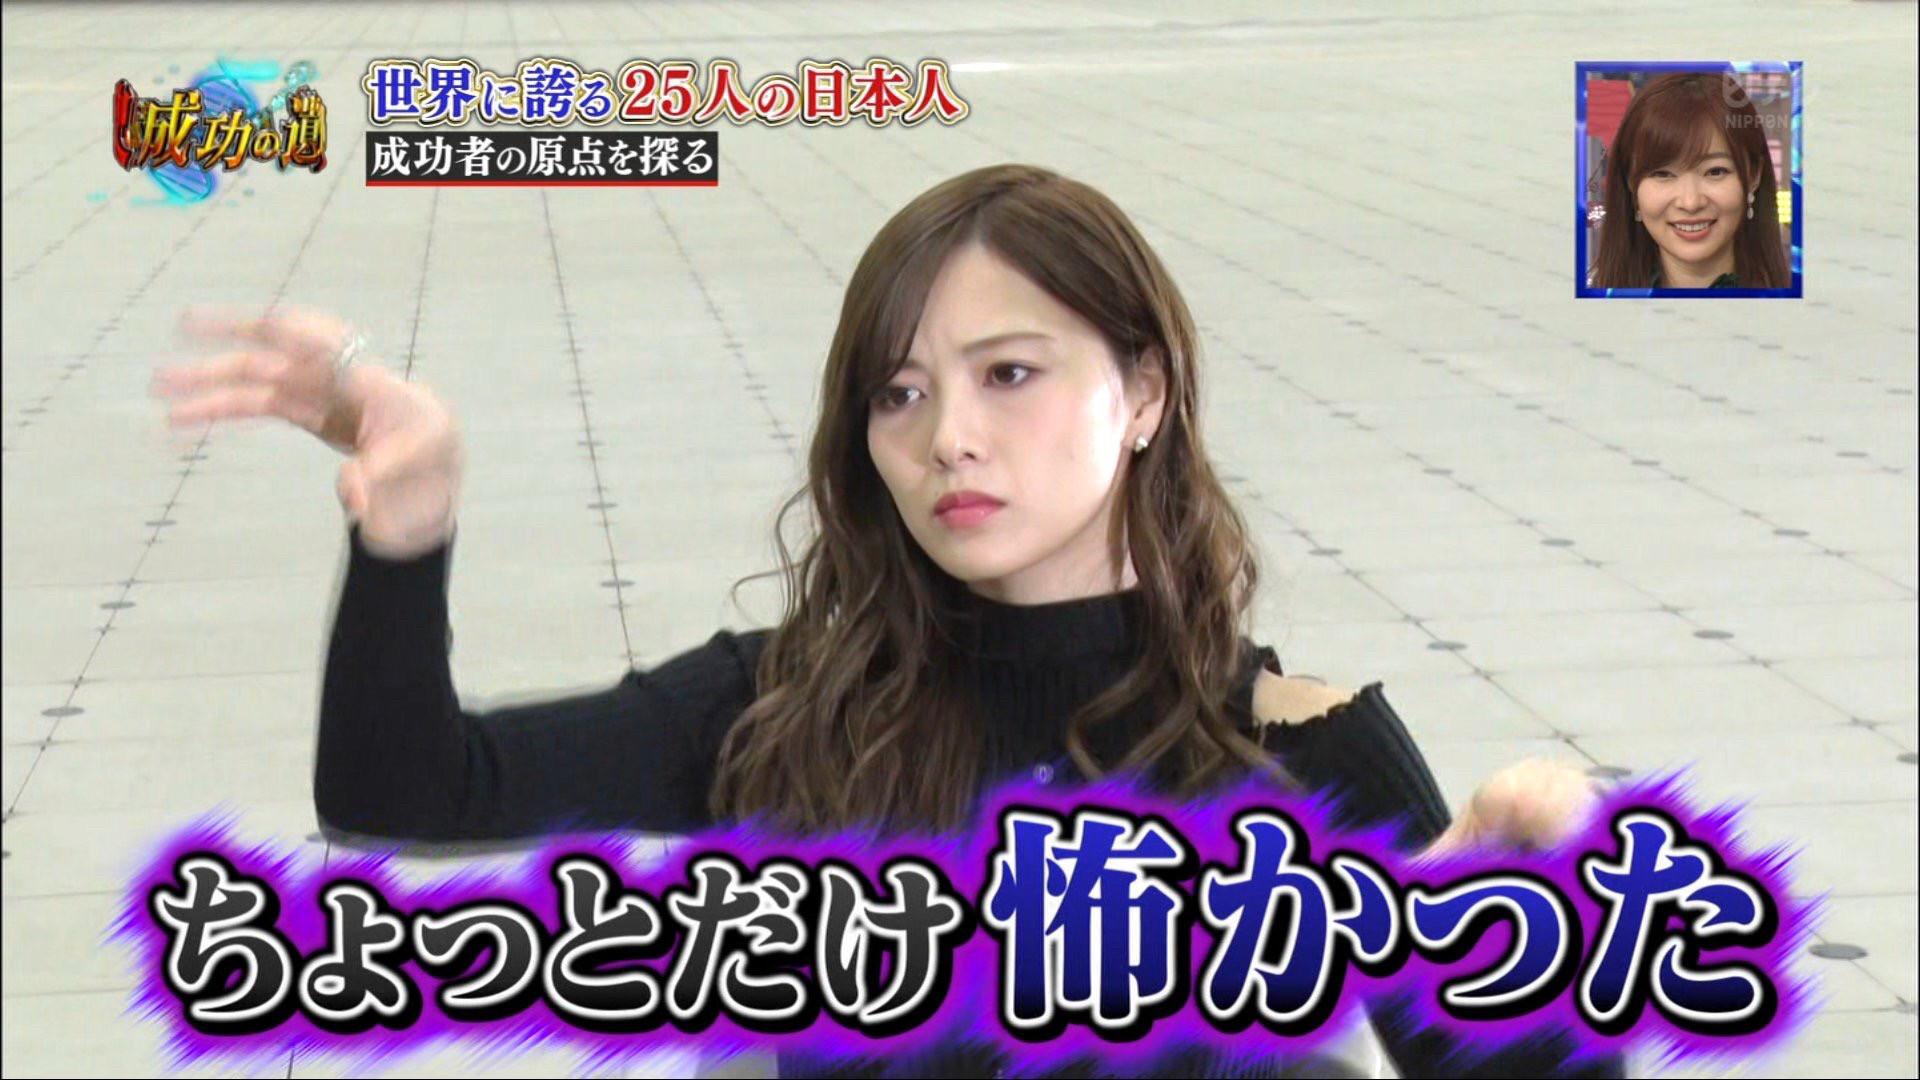 成功の遺伝史 Seishiro 白石麻衣 ちょっとだけ怖かった